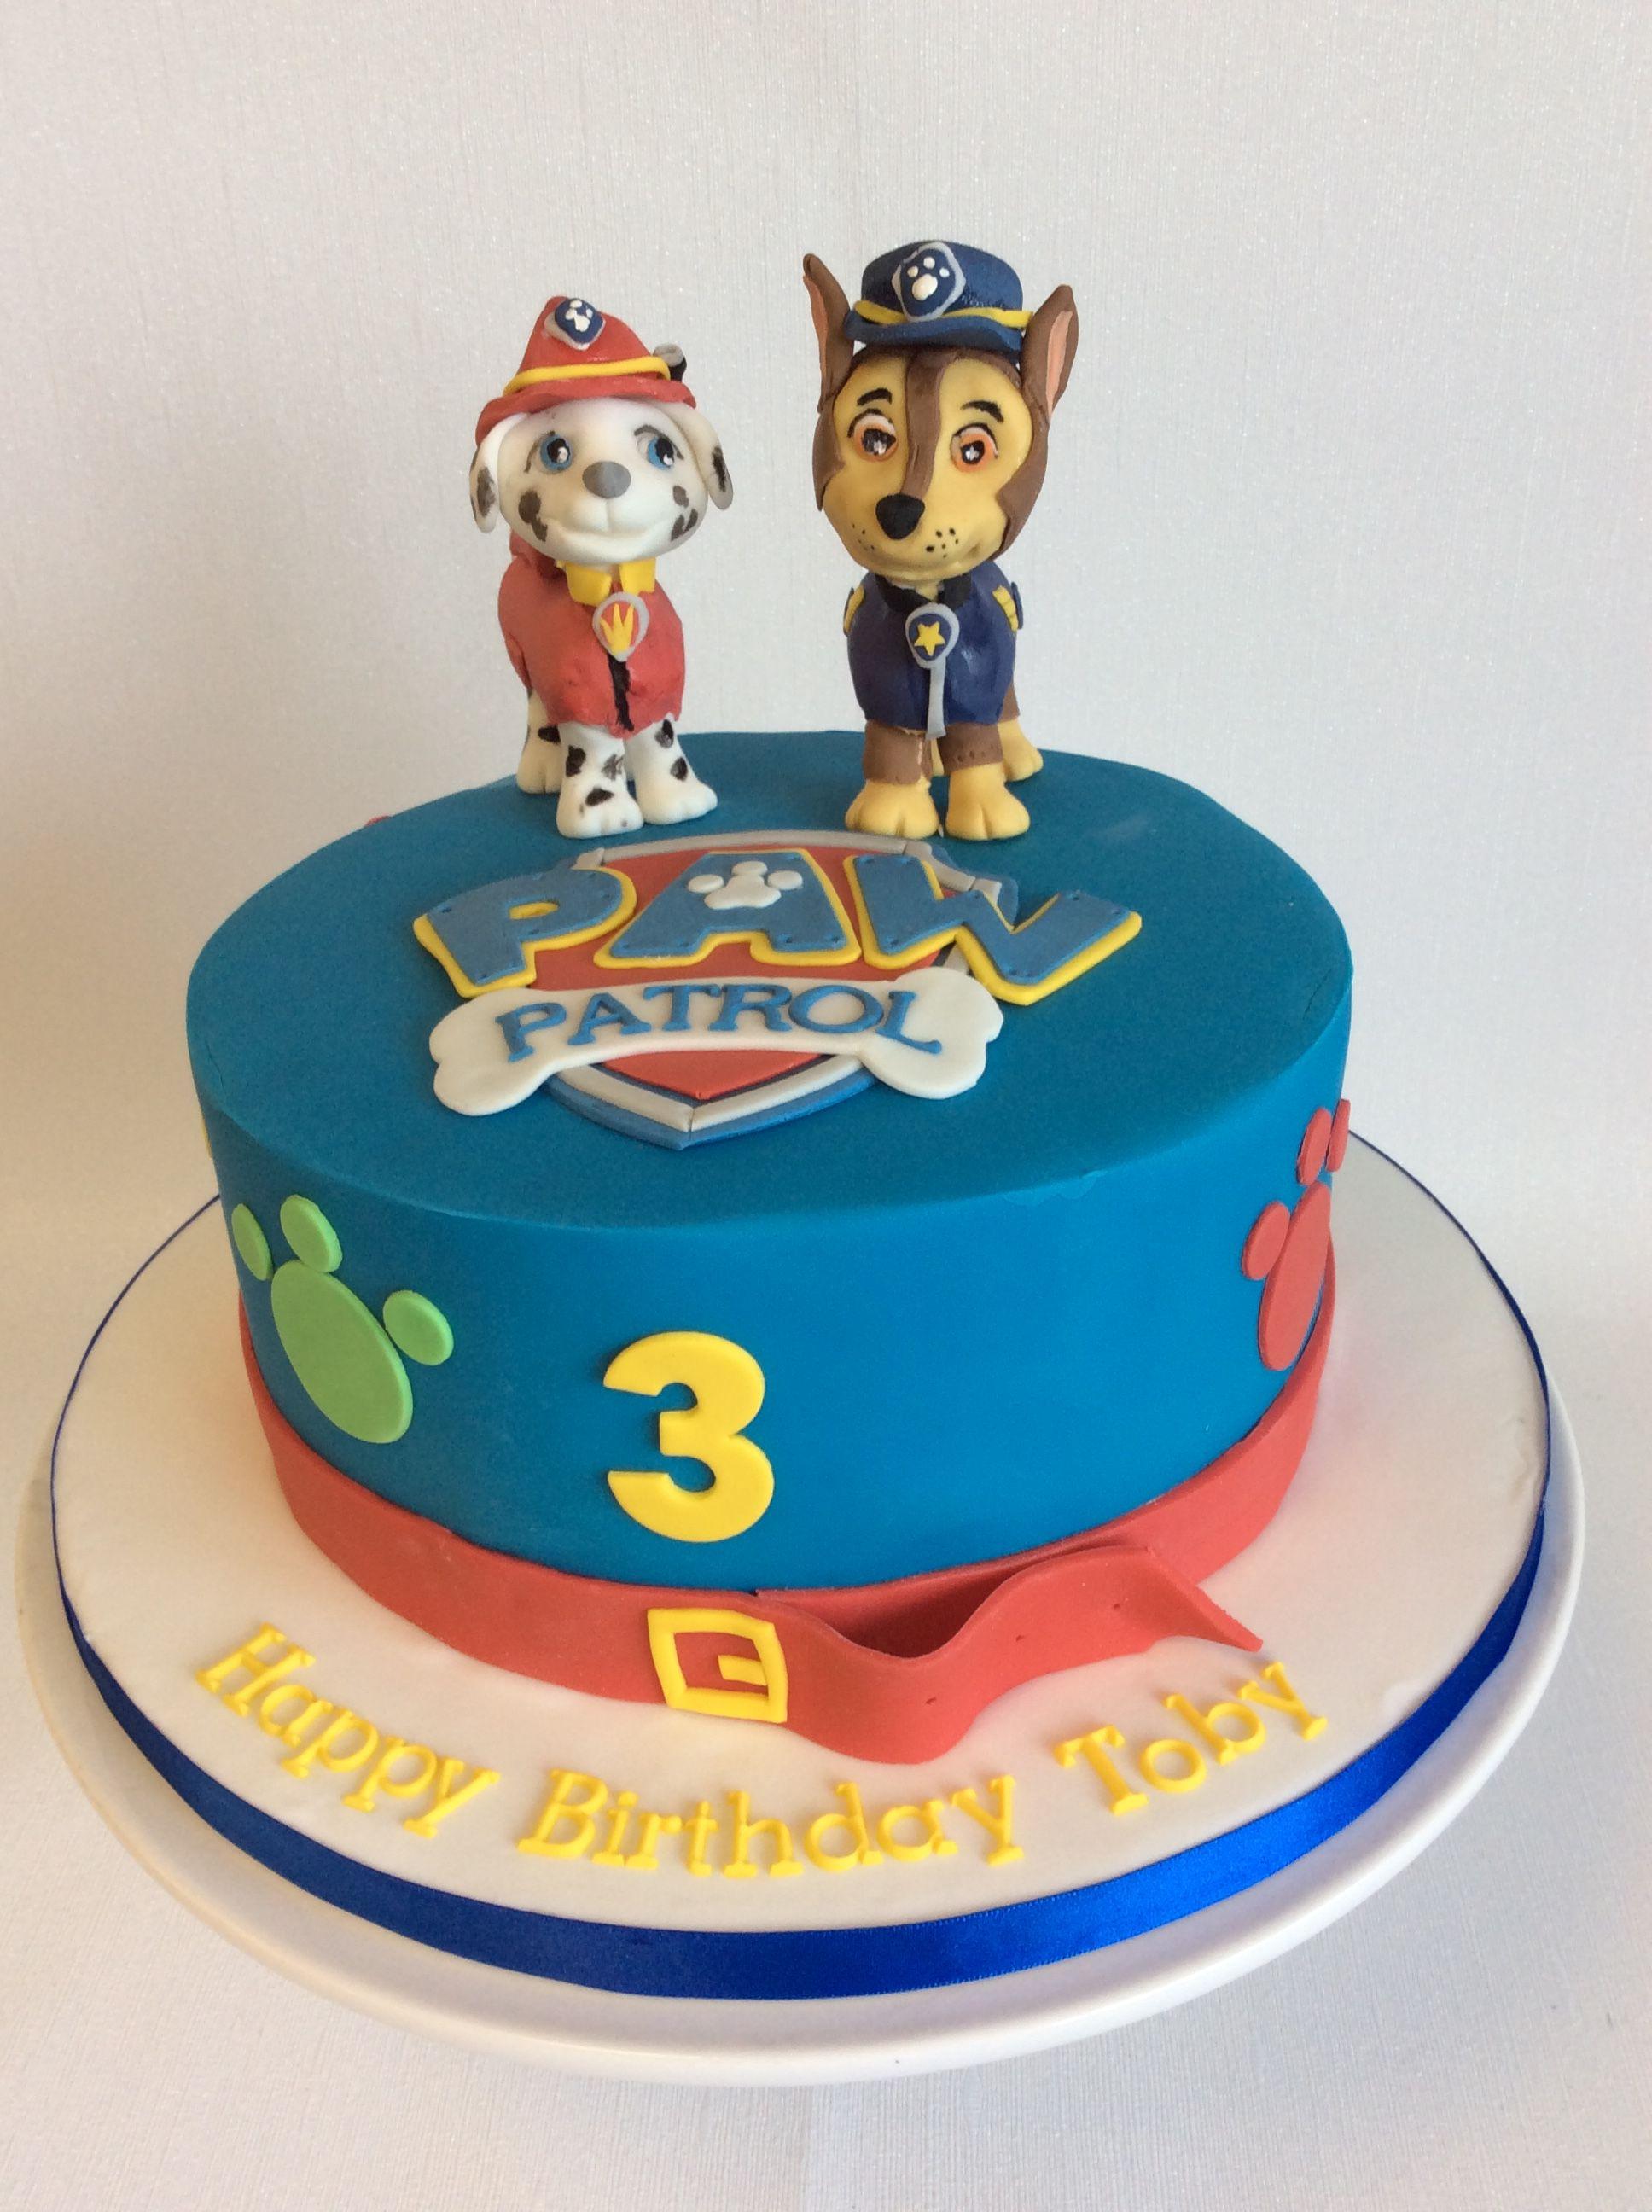 Simple Paw Patrol Theme Birthday Cake With Handmade